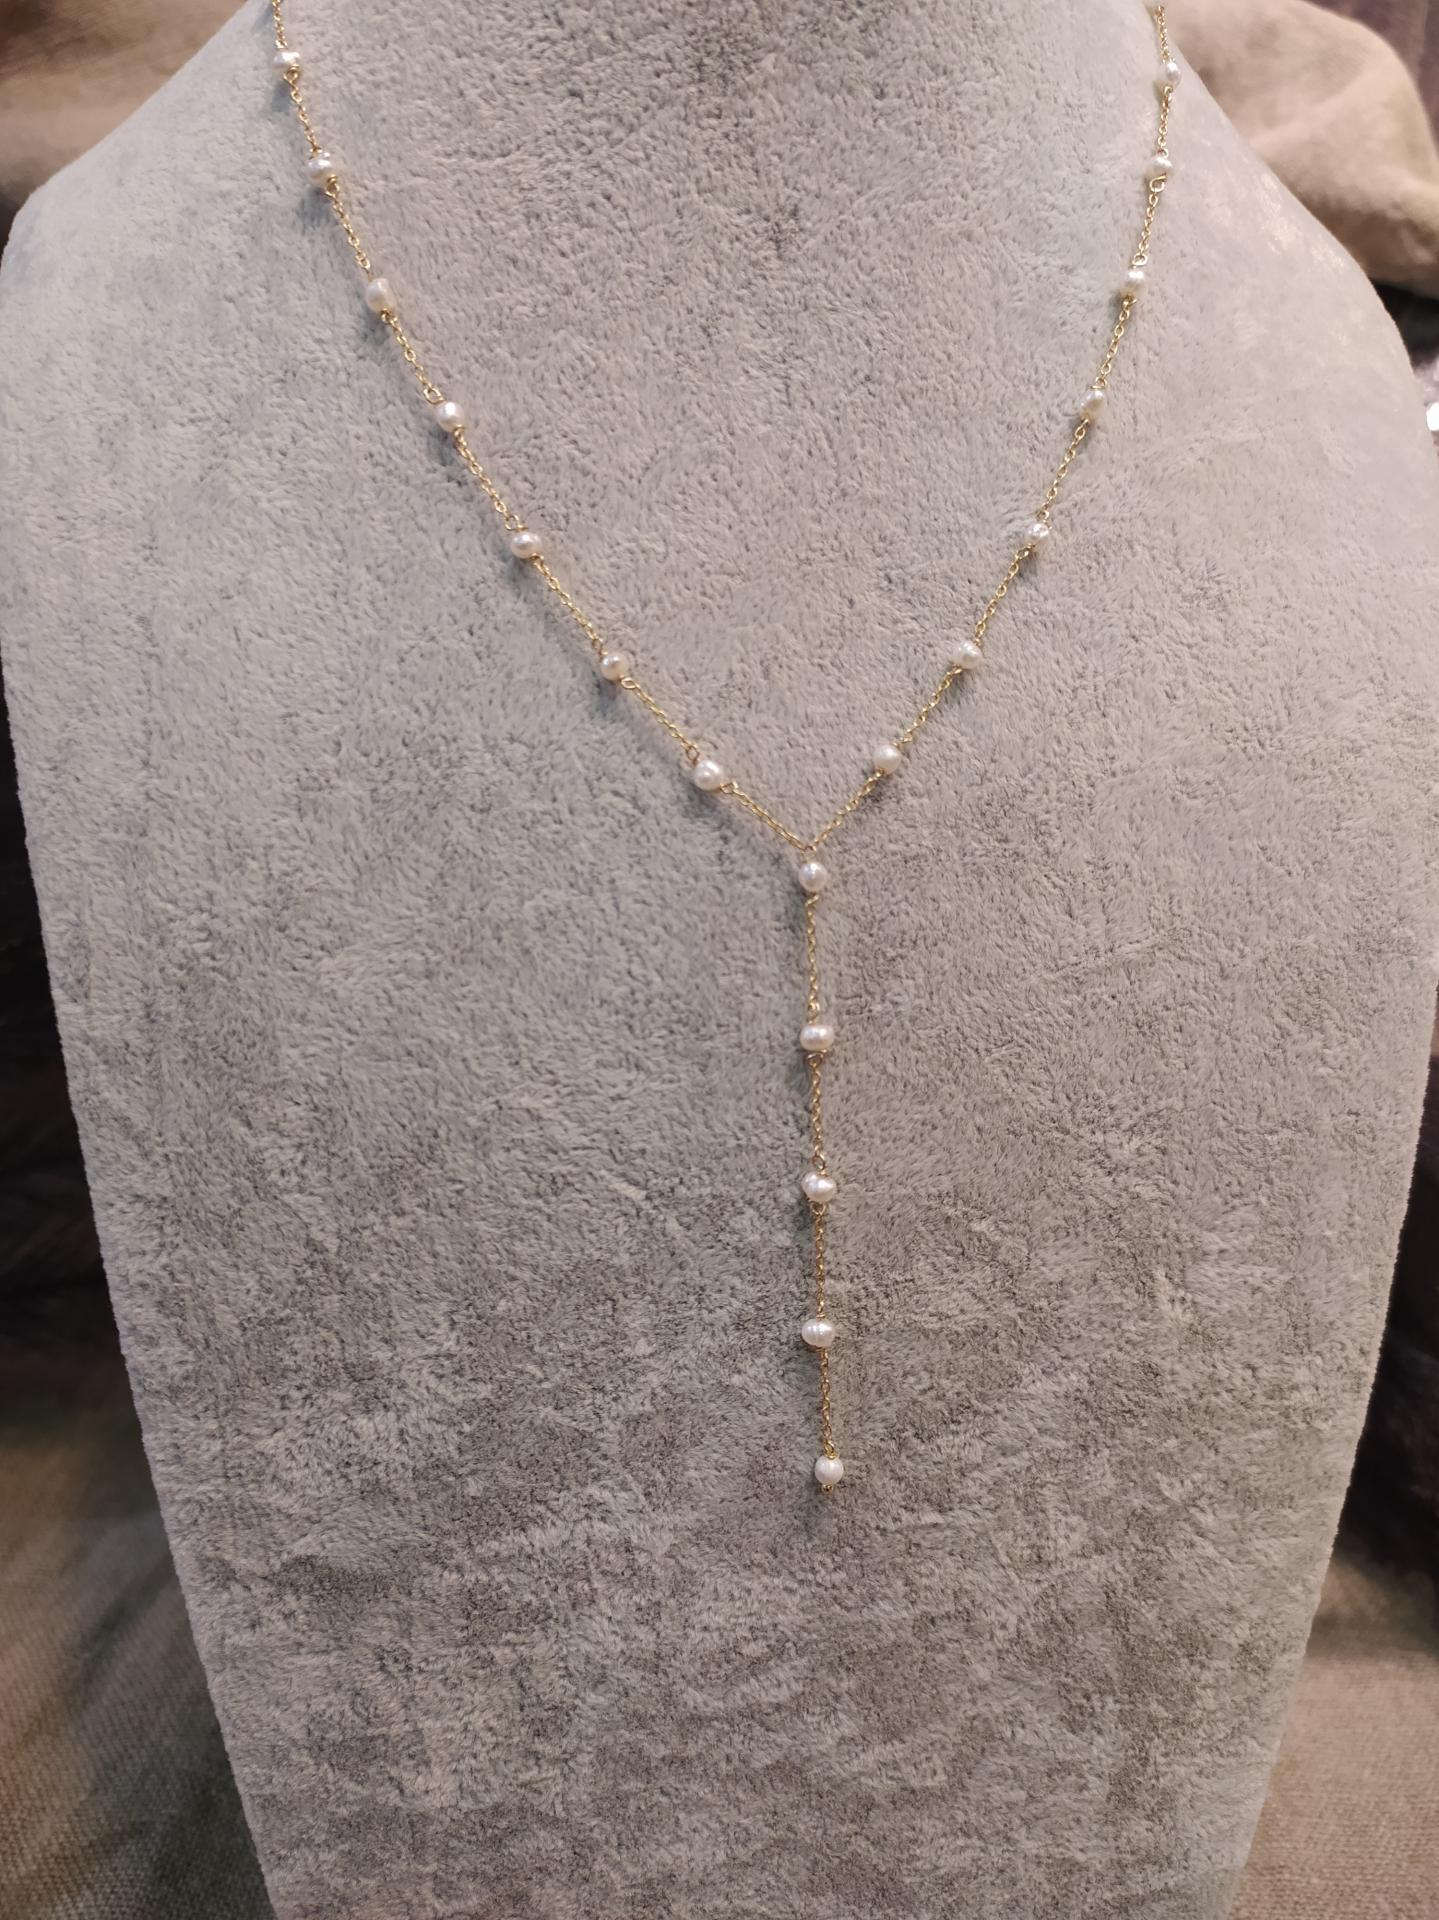 Collier ref 244 1 73 gr prix 79 eur ras de cou 44 cm plus extention longueur 7 cm 1